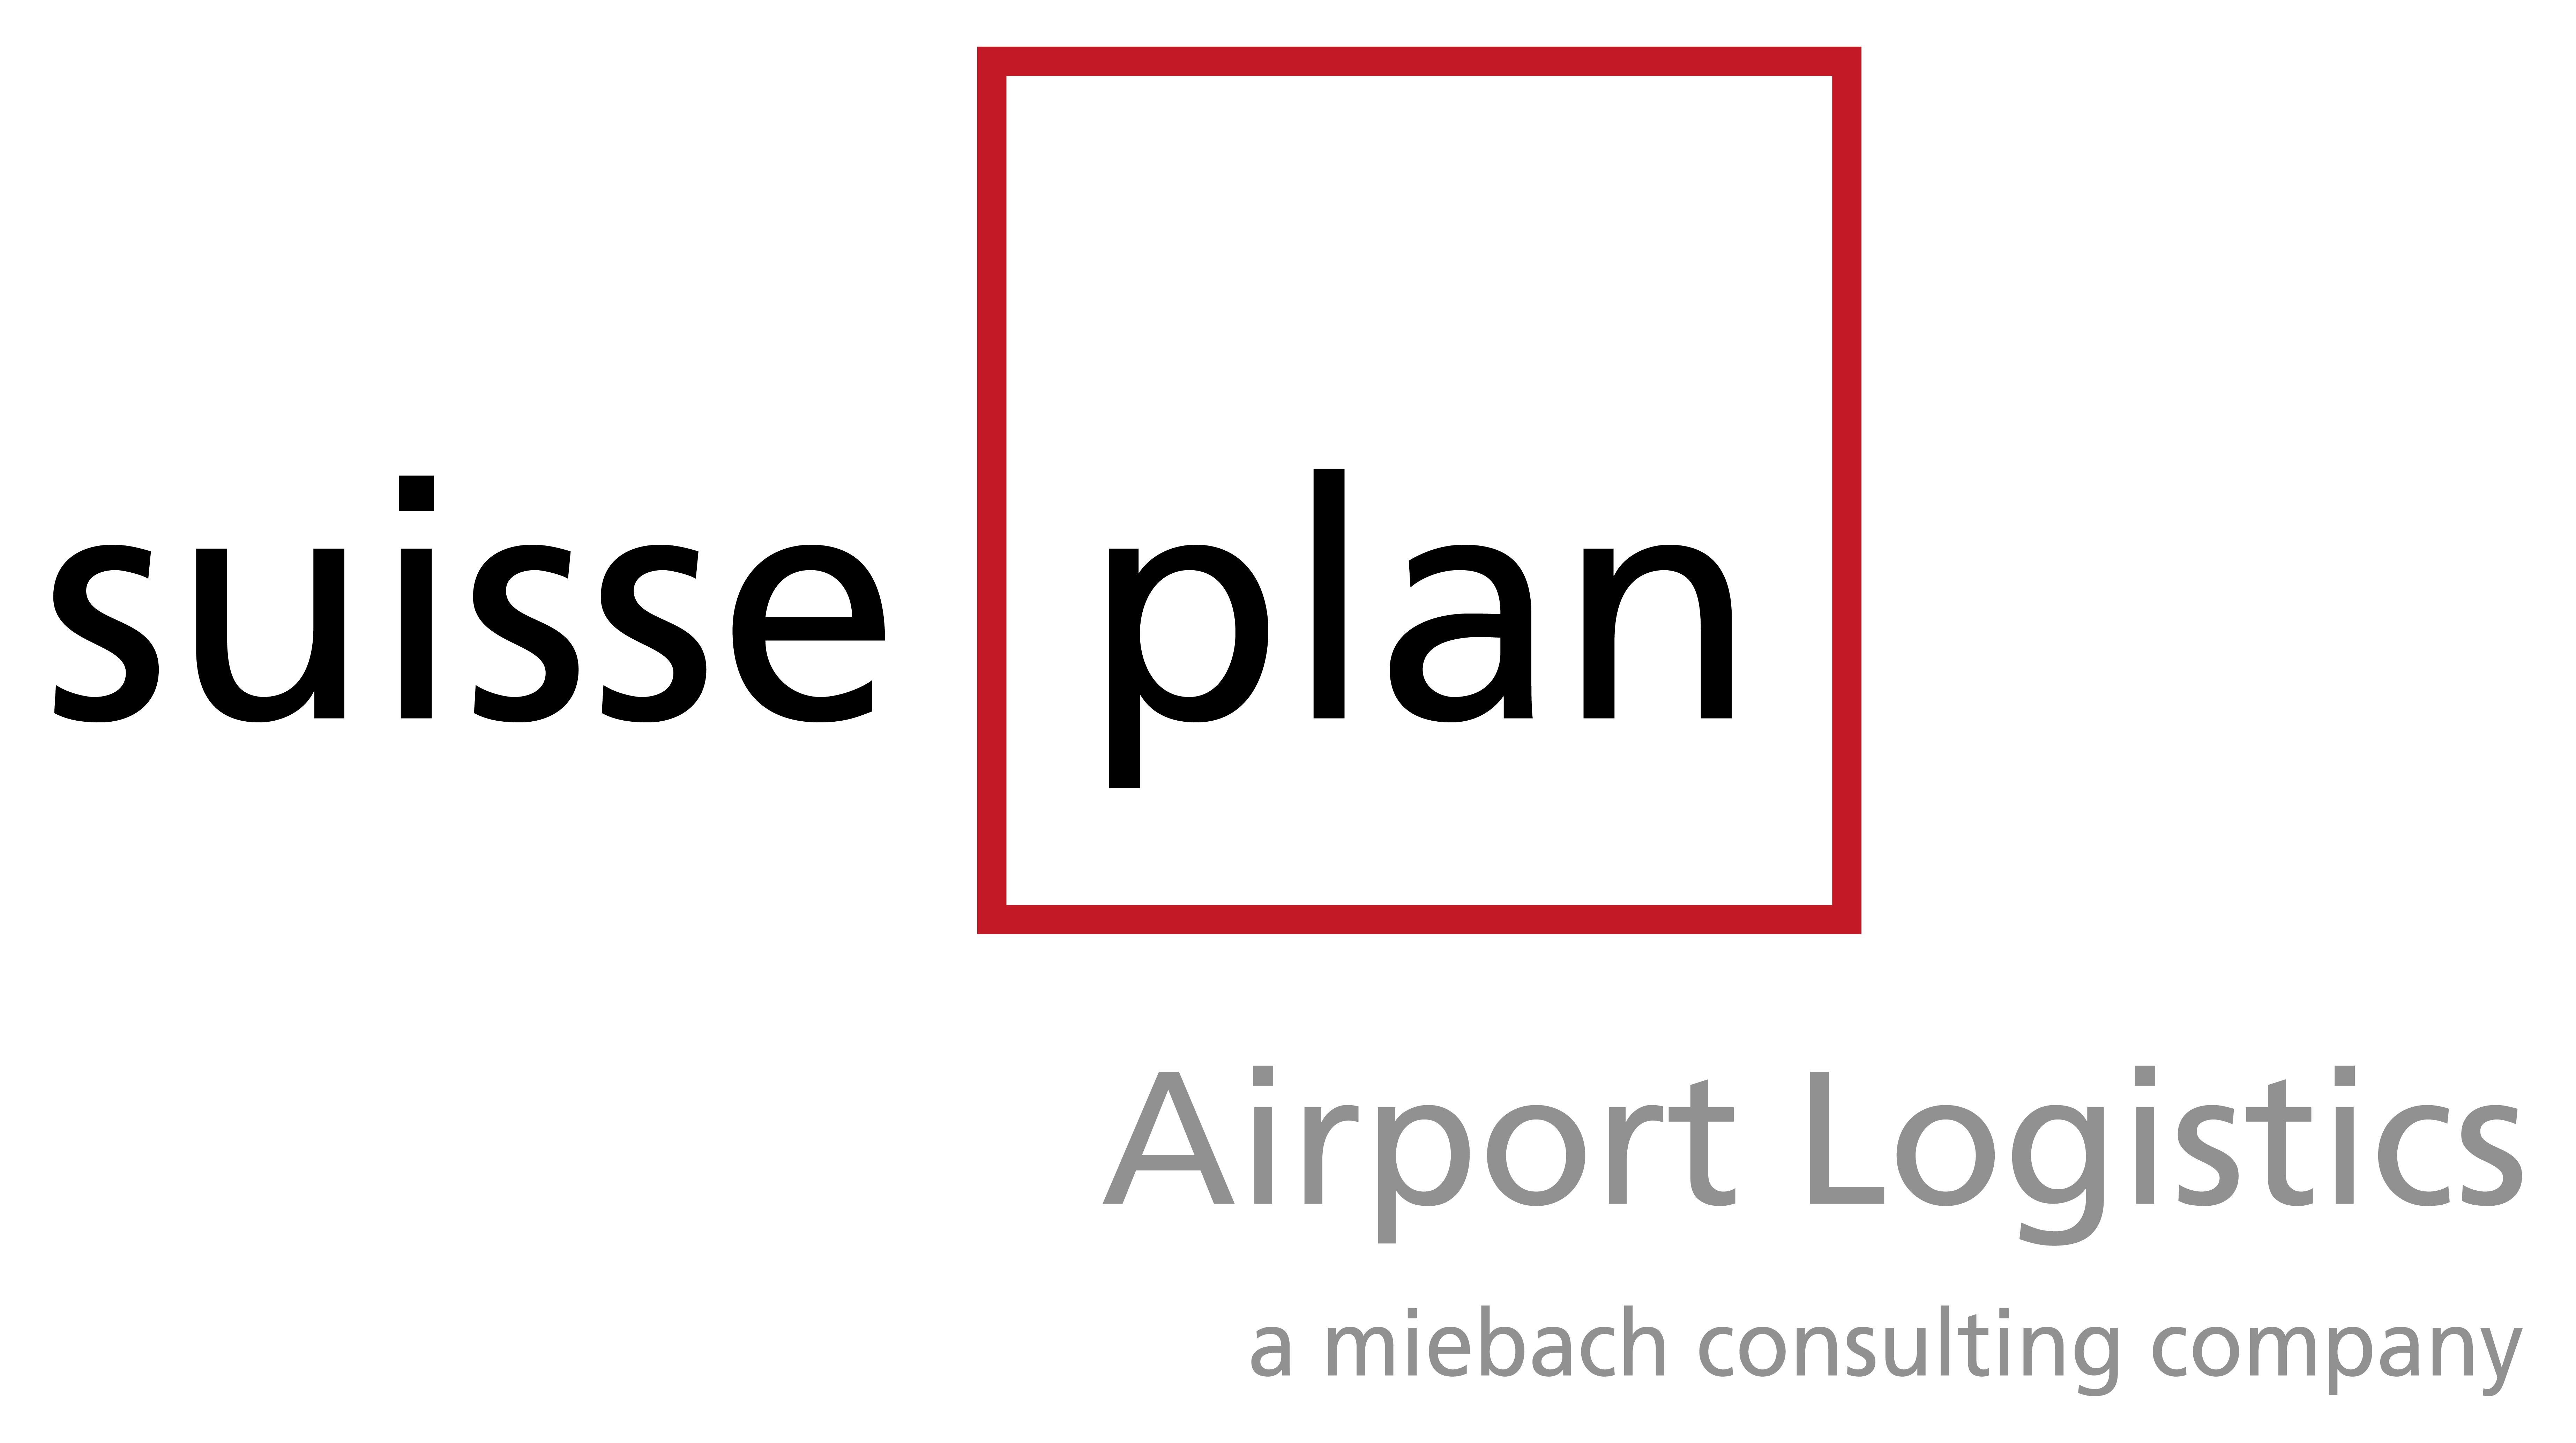 Miebach Consulting übernimmt suisseplan Ingenieure AG Logistik und erweitert Branchenkompetenz im Bereich Airport Logistics